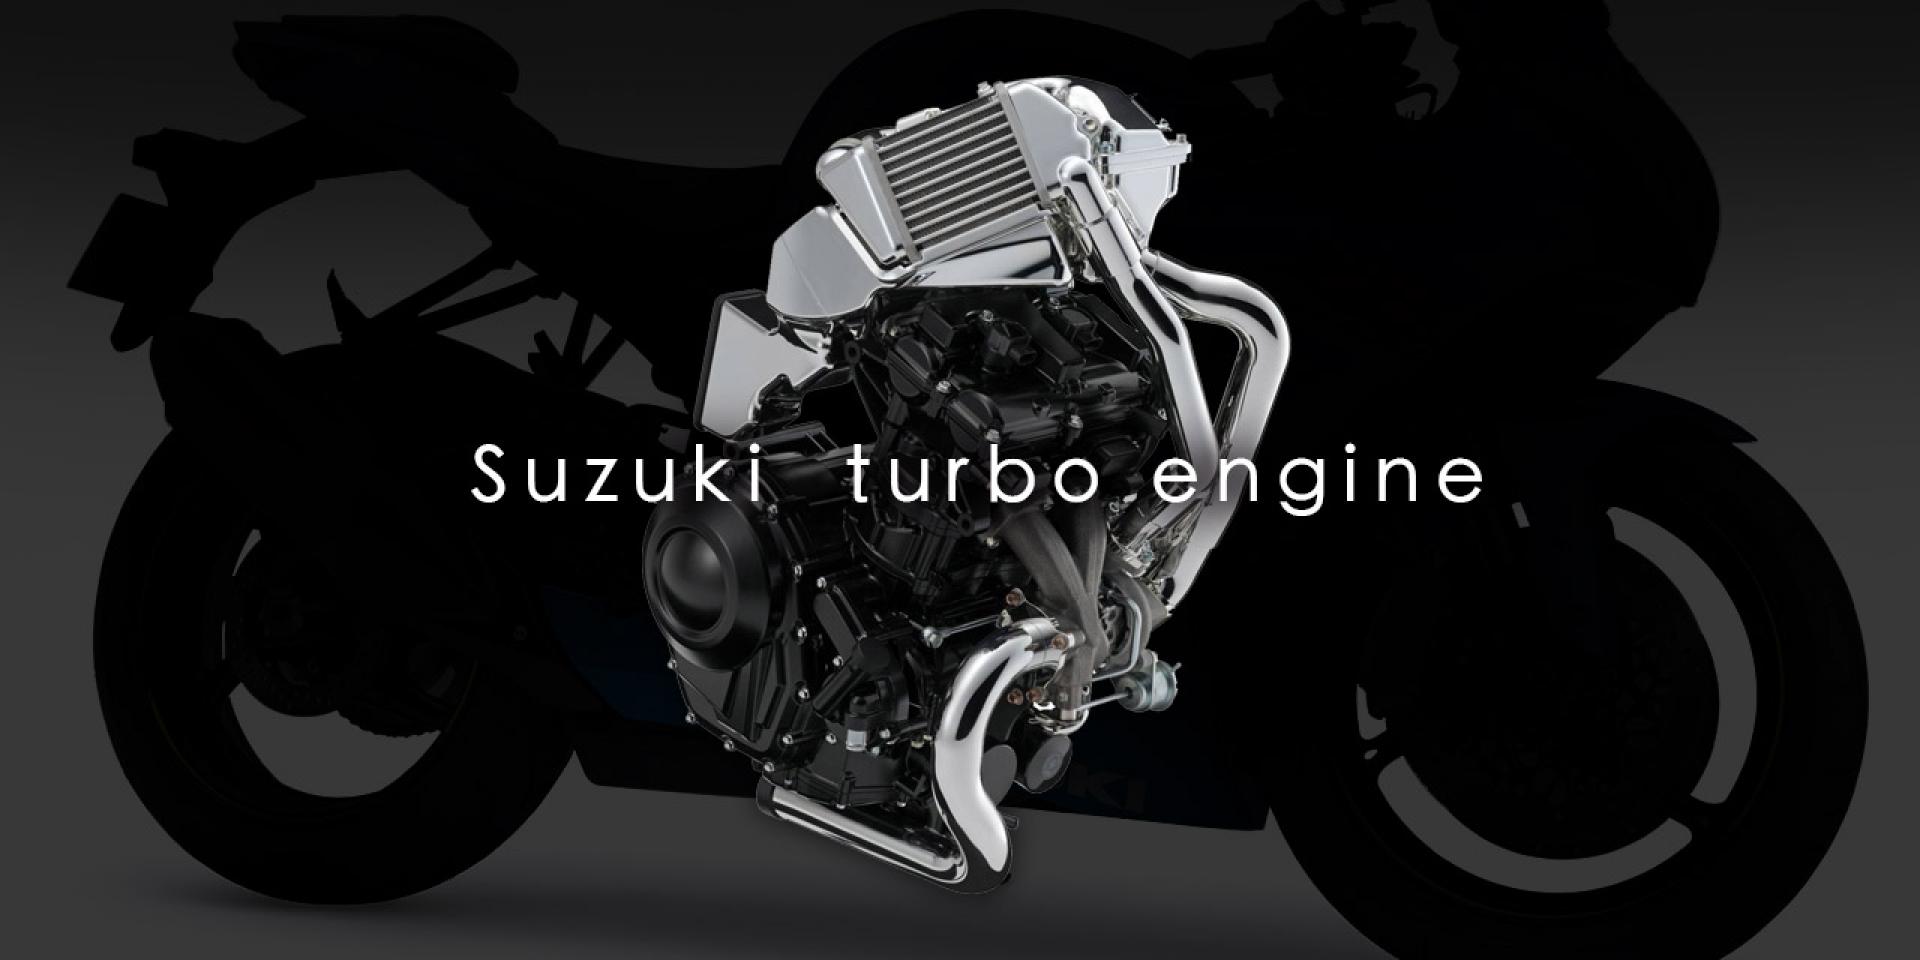 增壓之戰。SUZUKI 渦輪引擎EX7  東京車展發表